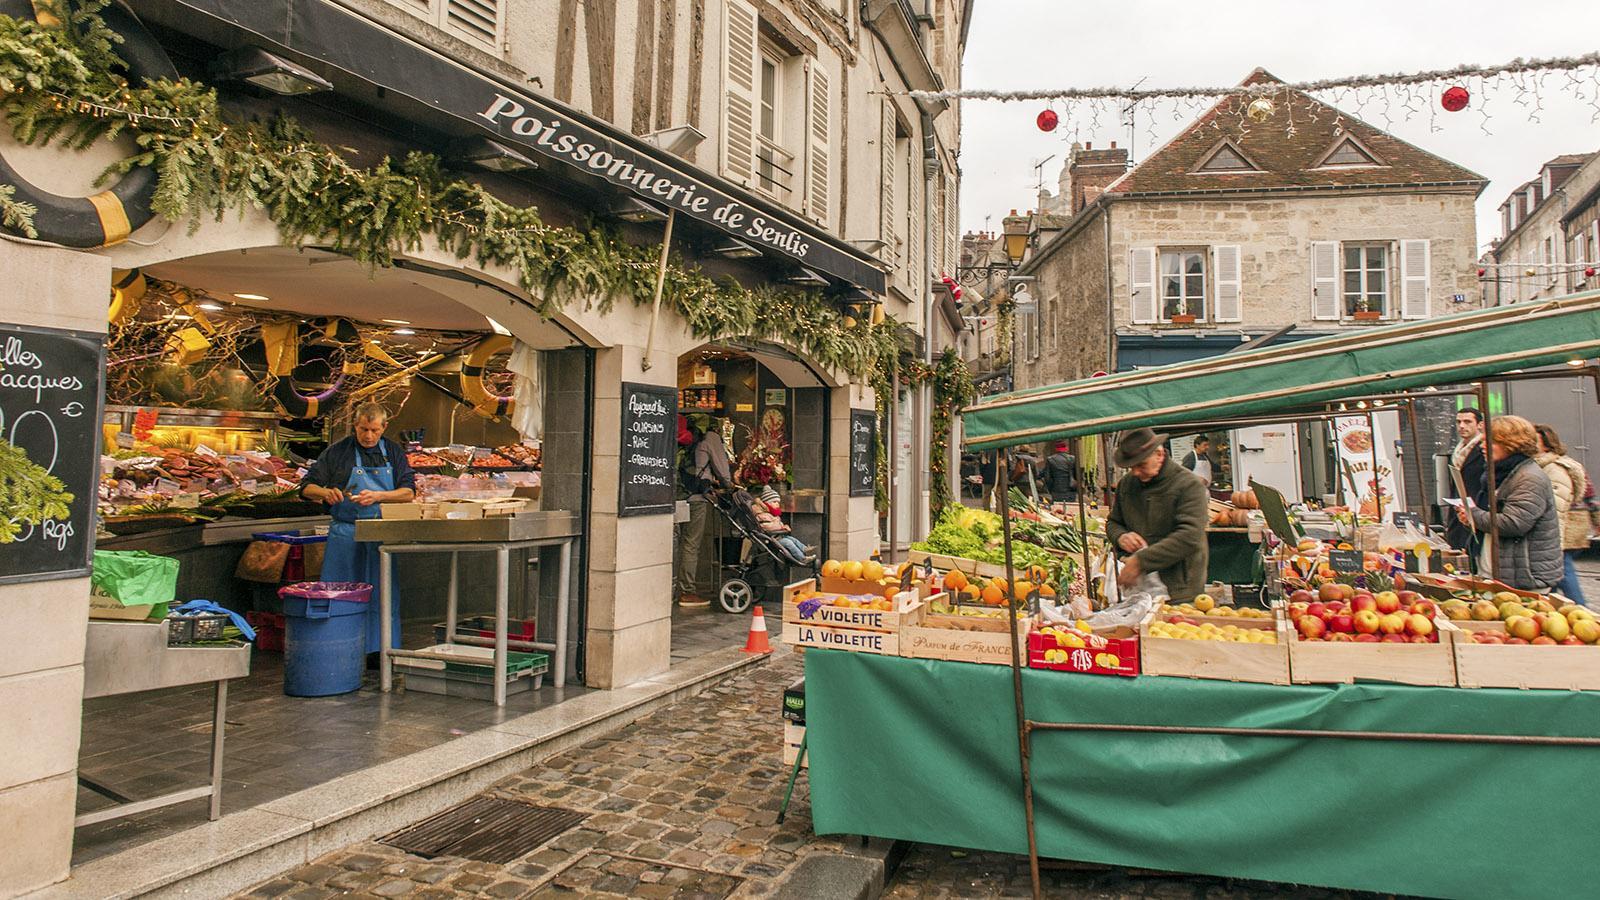 Dienstag und Freitag ist Marktzeit in Senlis! Foto: Hilke Maunder